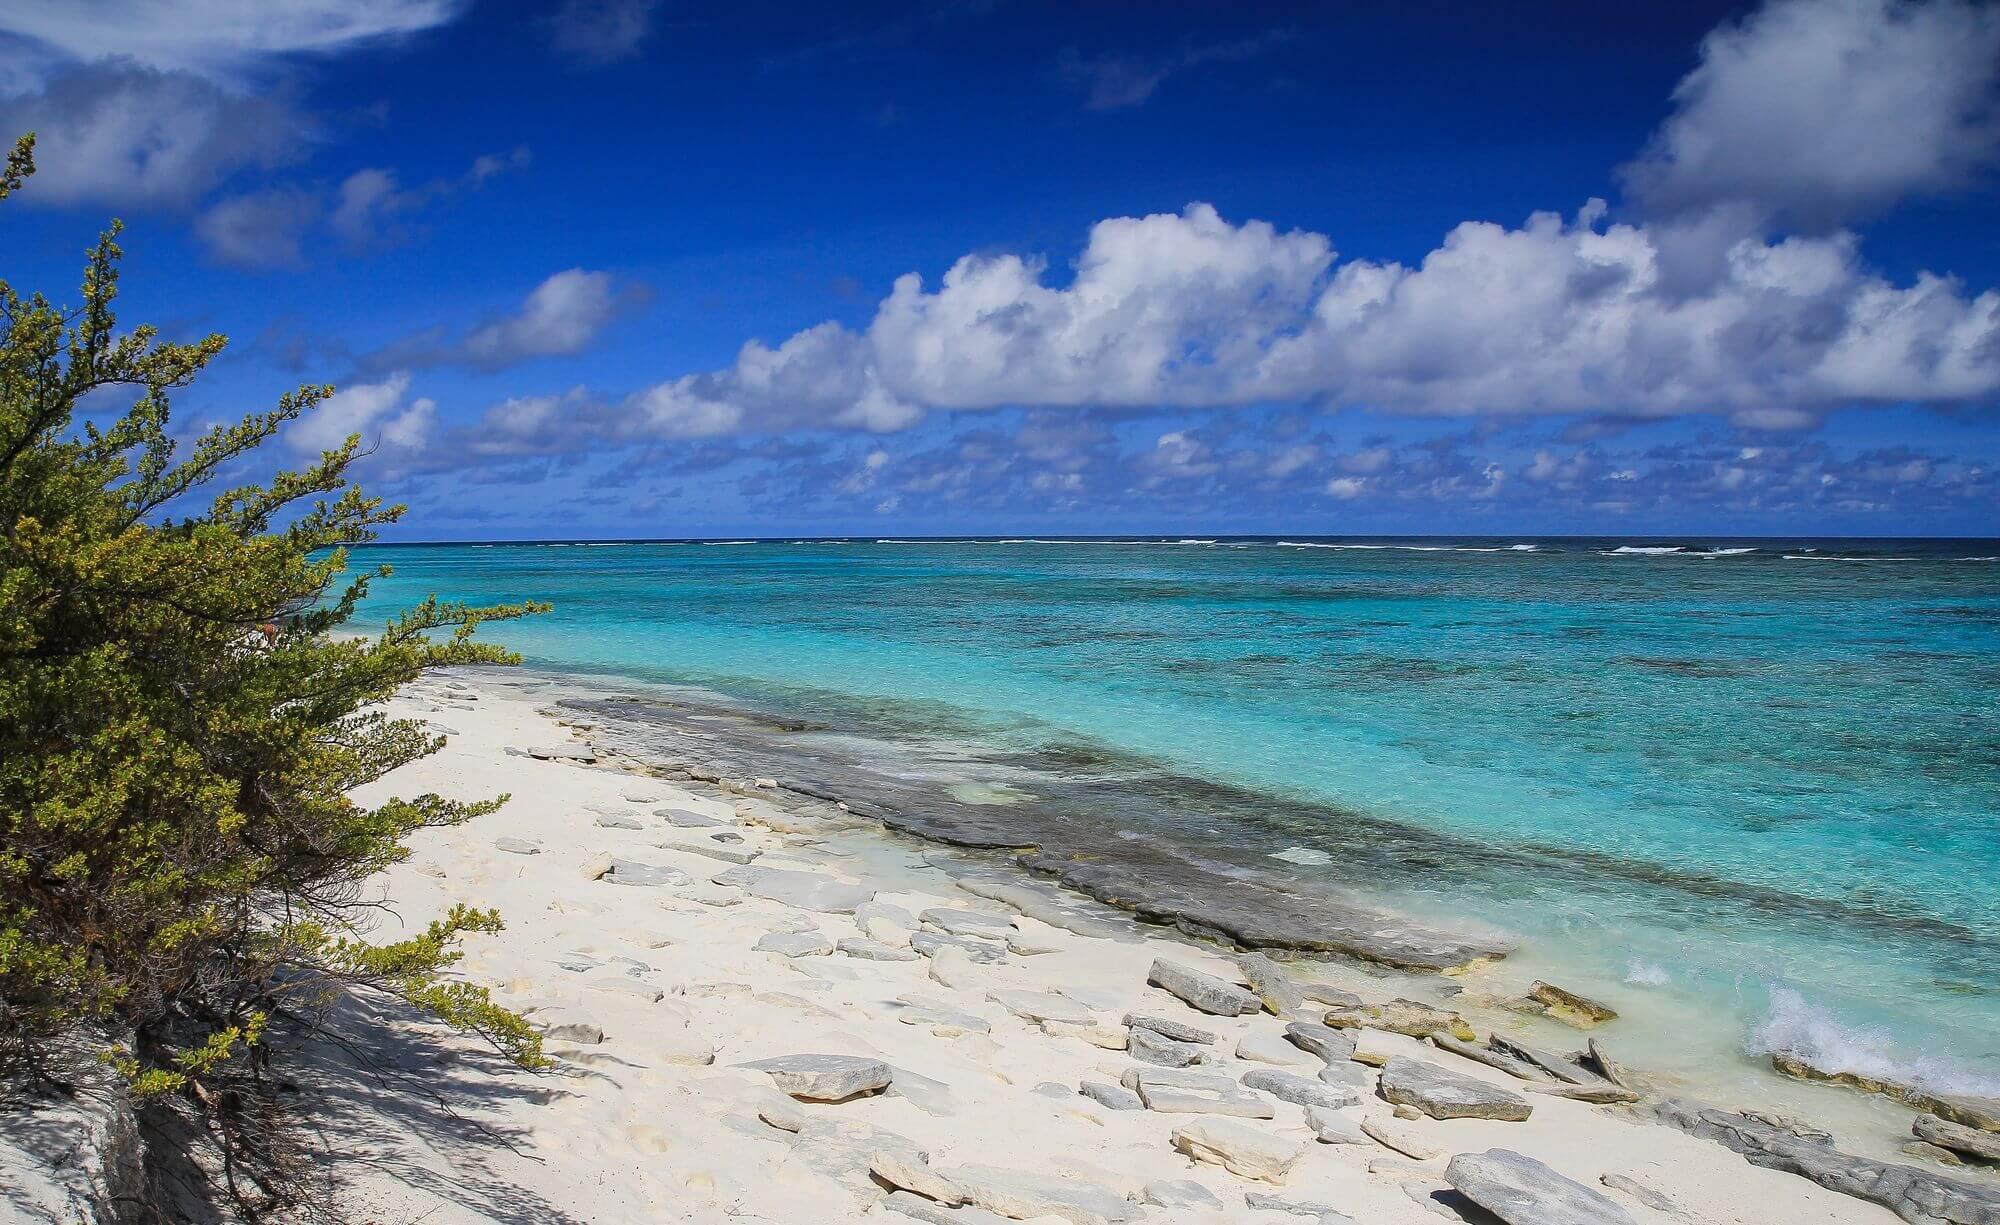 iles gambier, un archipel en polynésie hors des sentiers battus